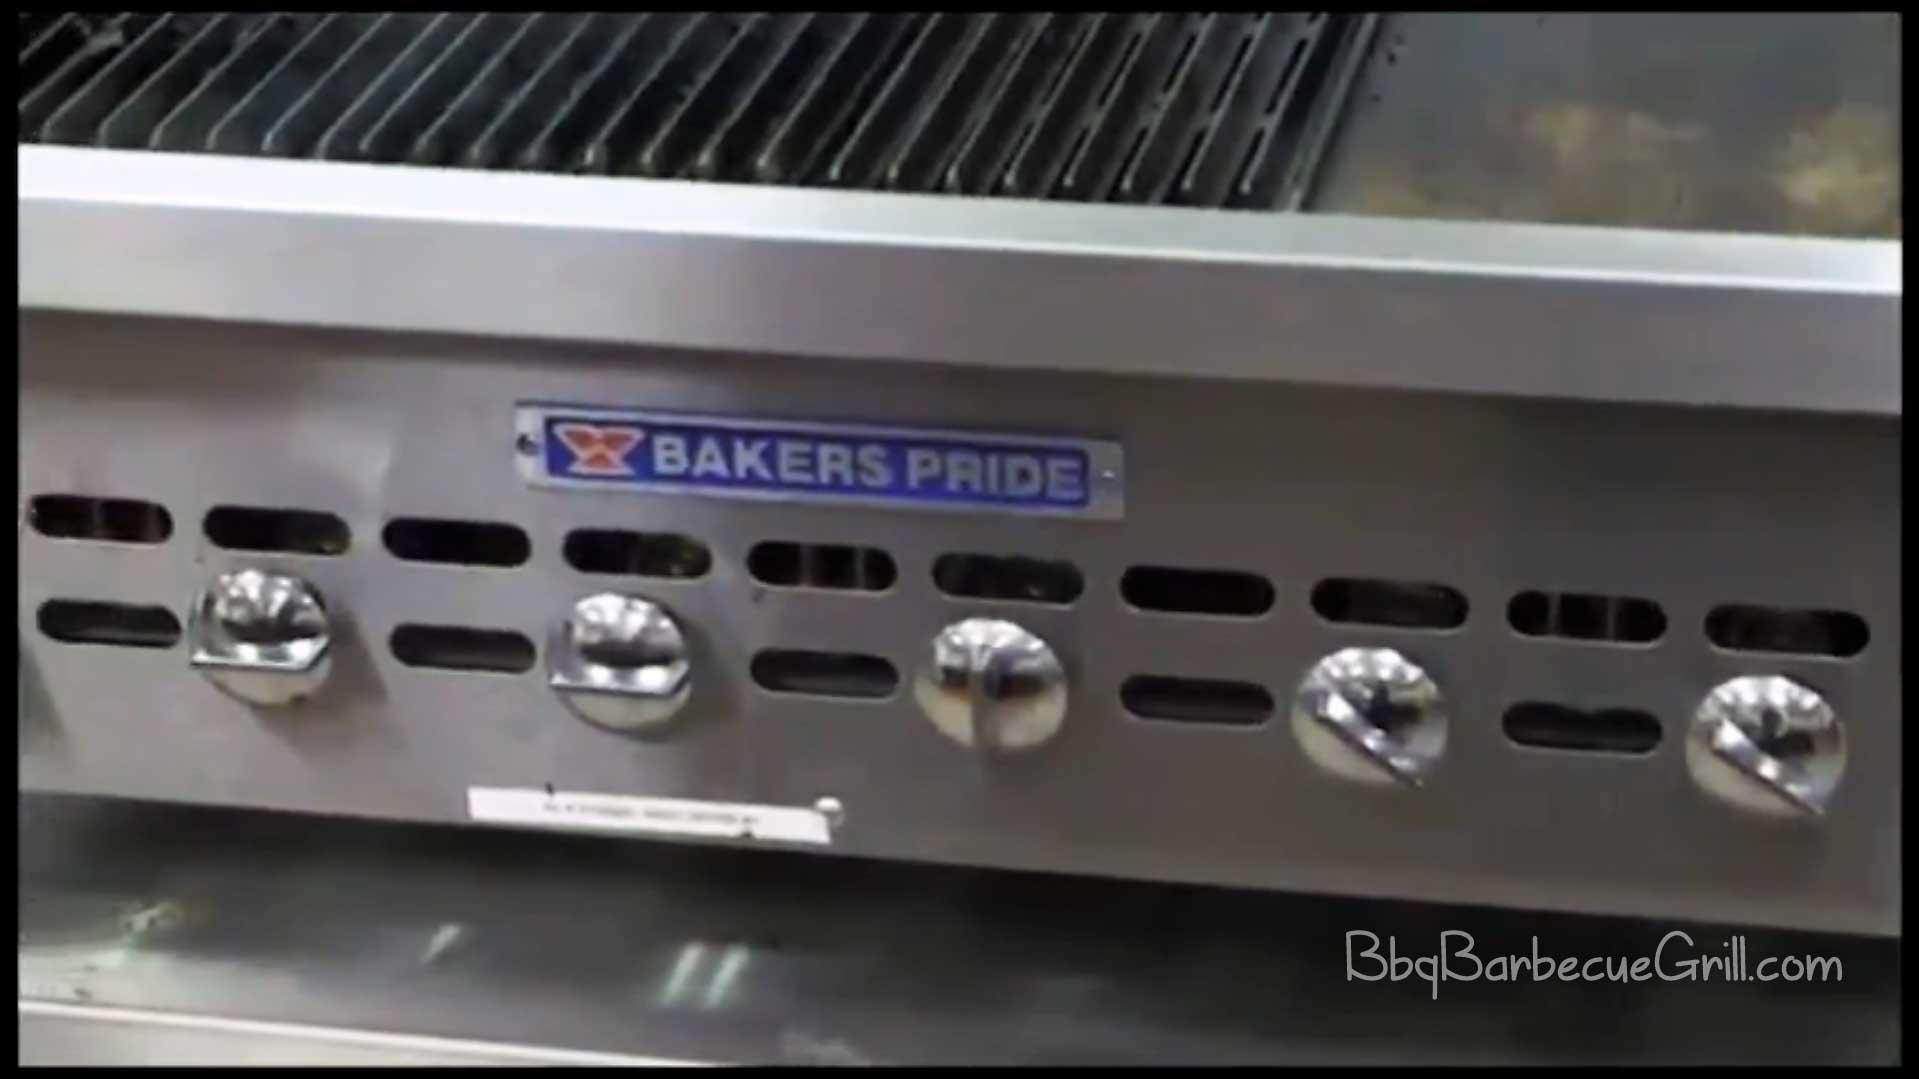 Best bakers pride charbroiler